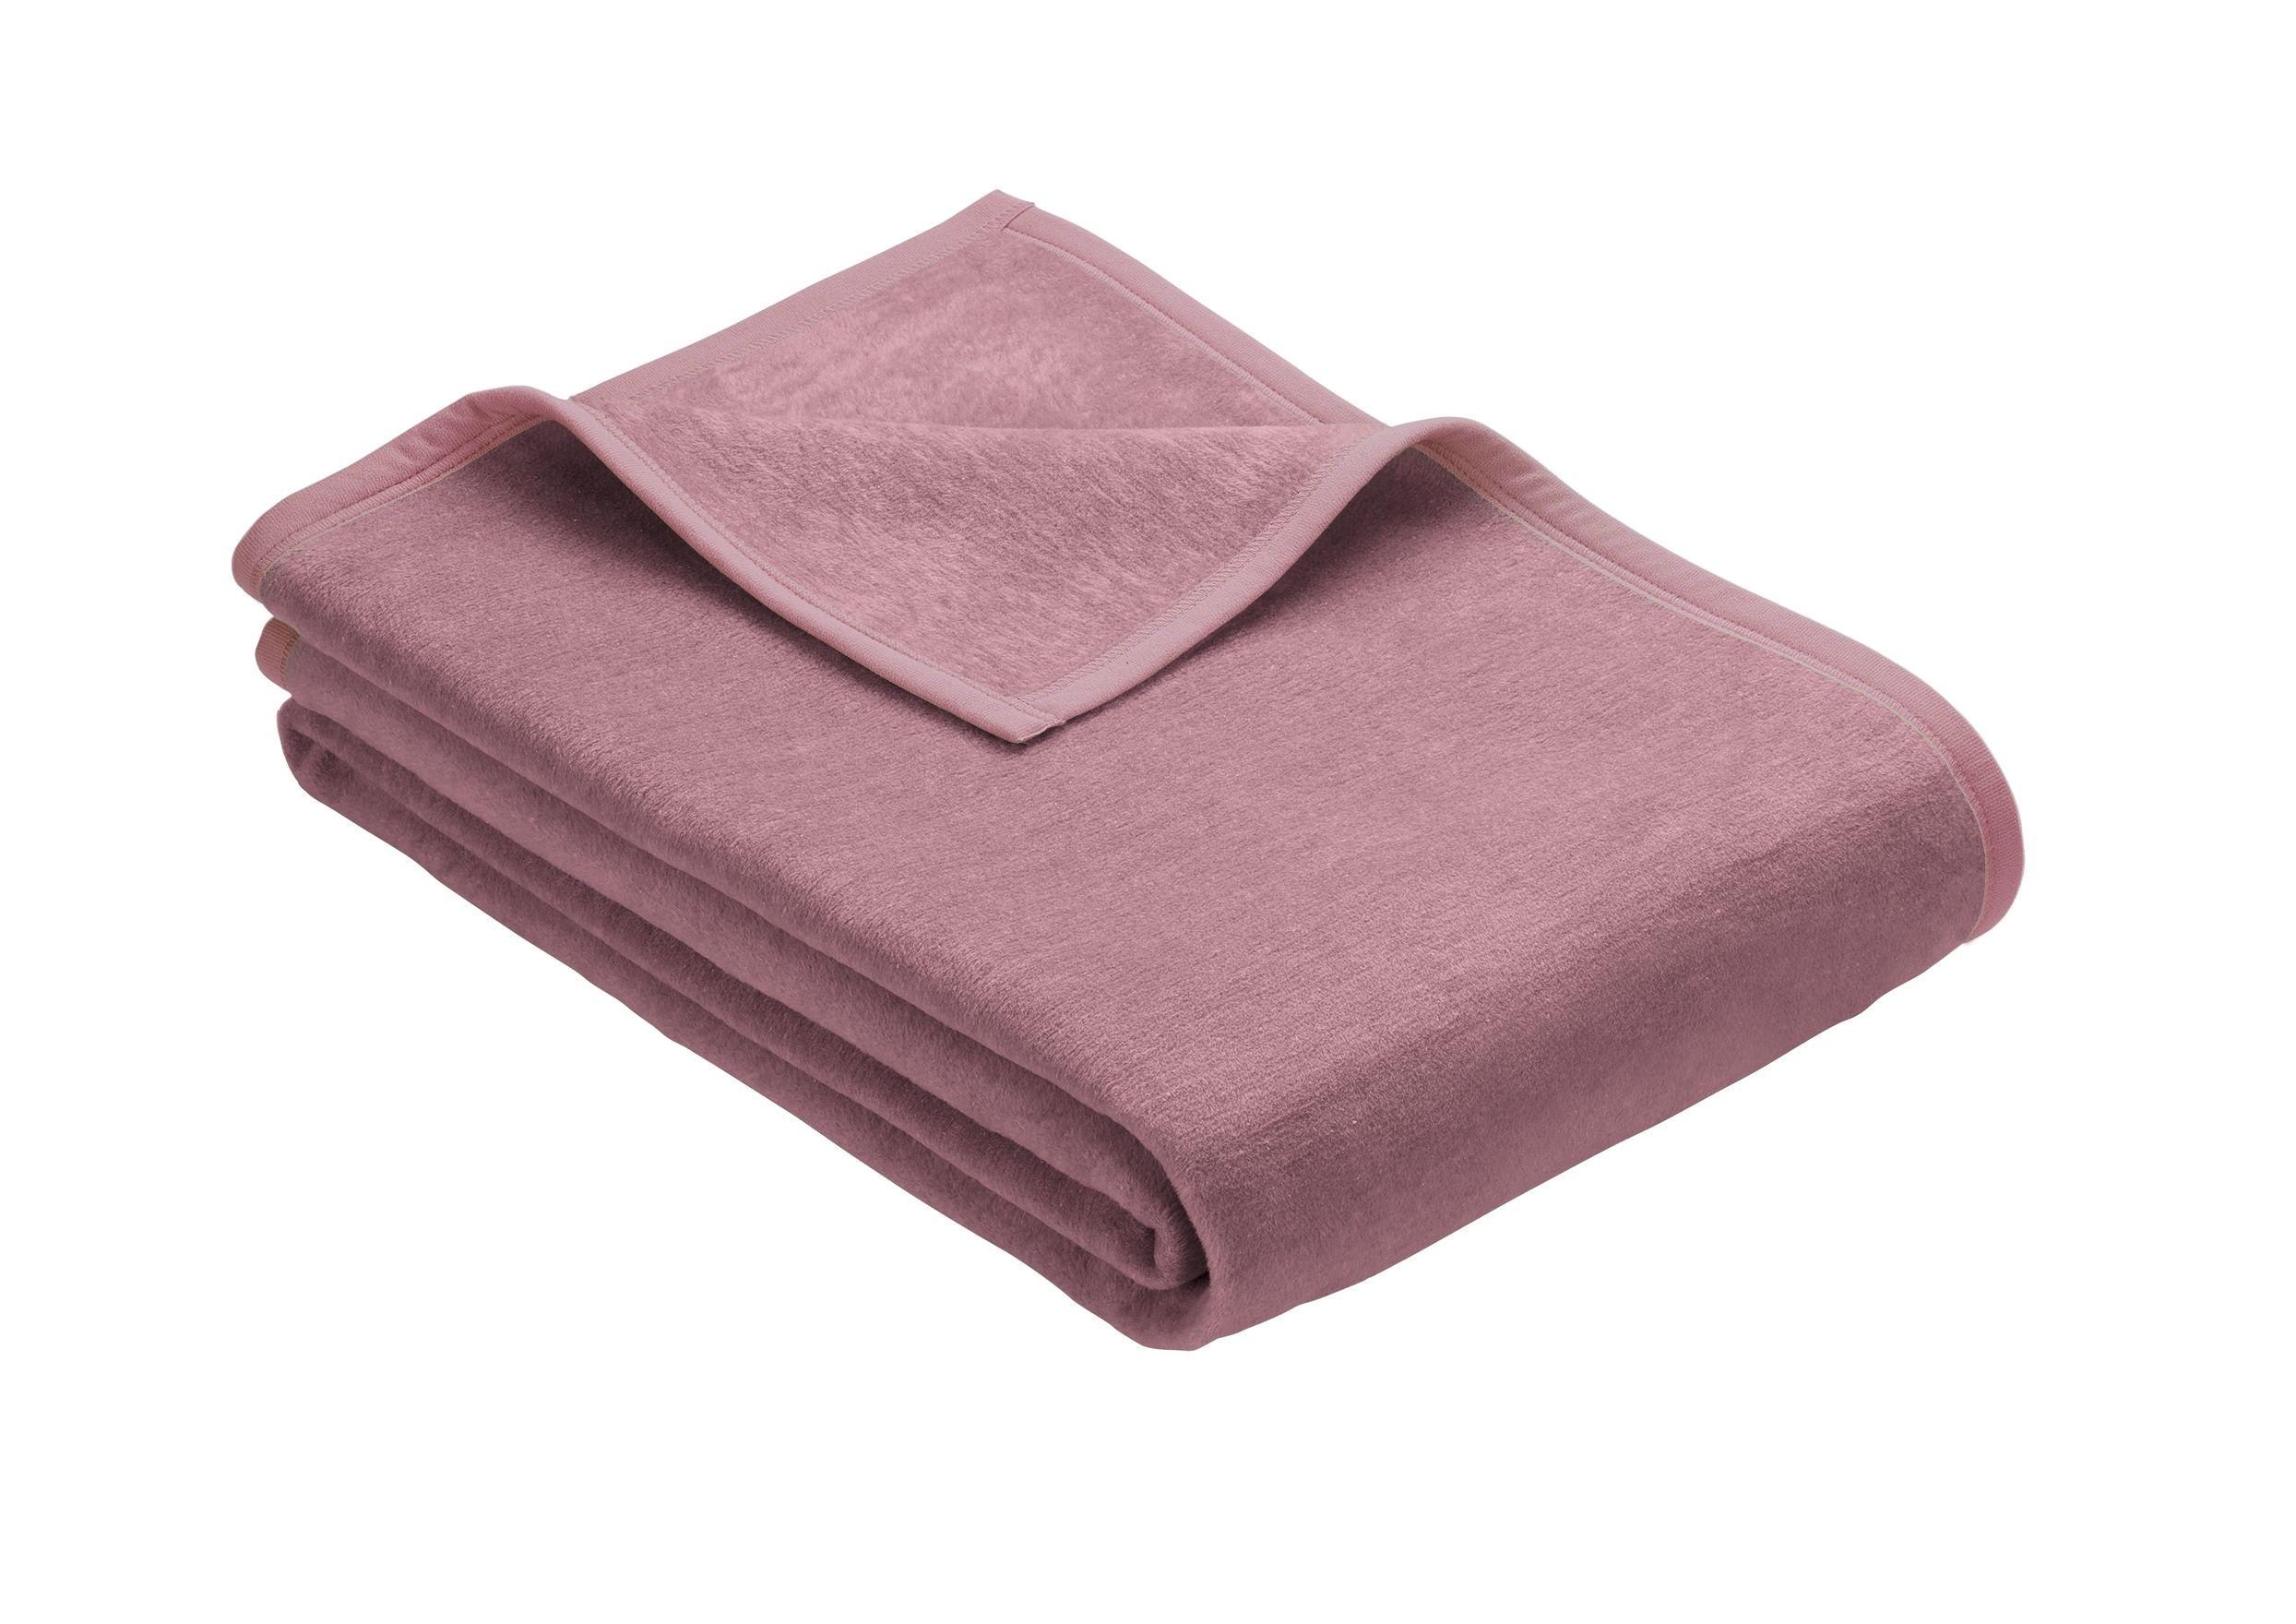 Casea Selection Wohndecke In Der Farbe Rosa 150x200 Cm Wohndecke Kuscheldecke Schlafzimmertextilien